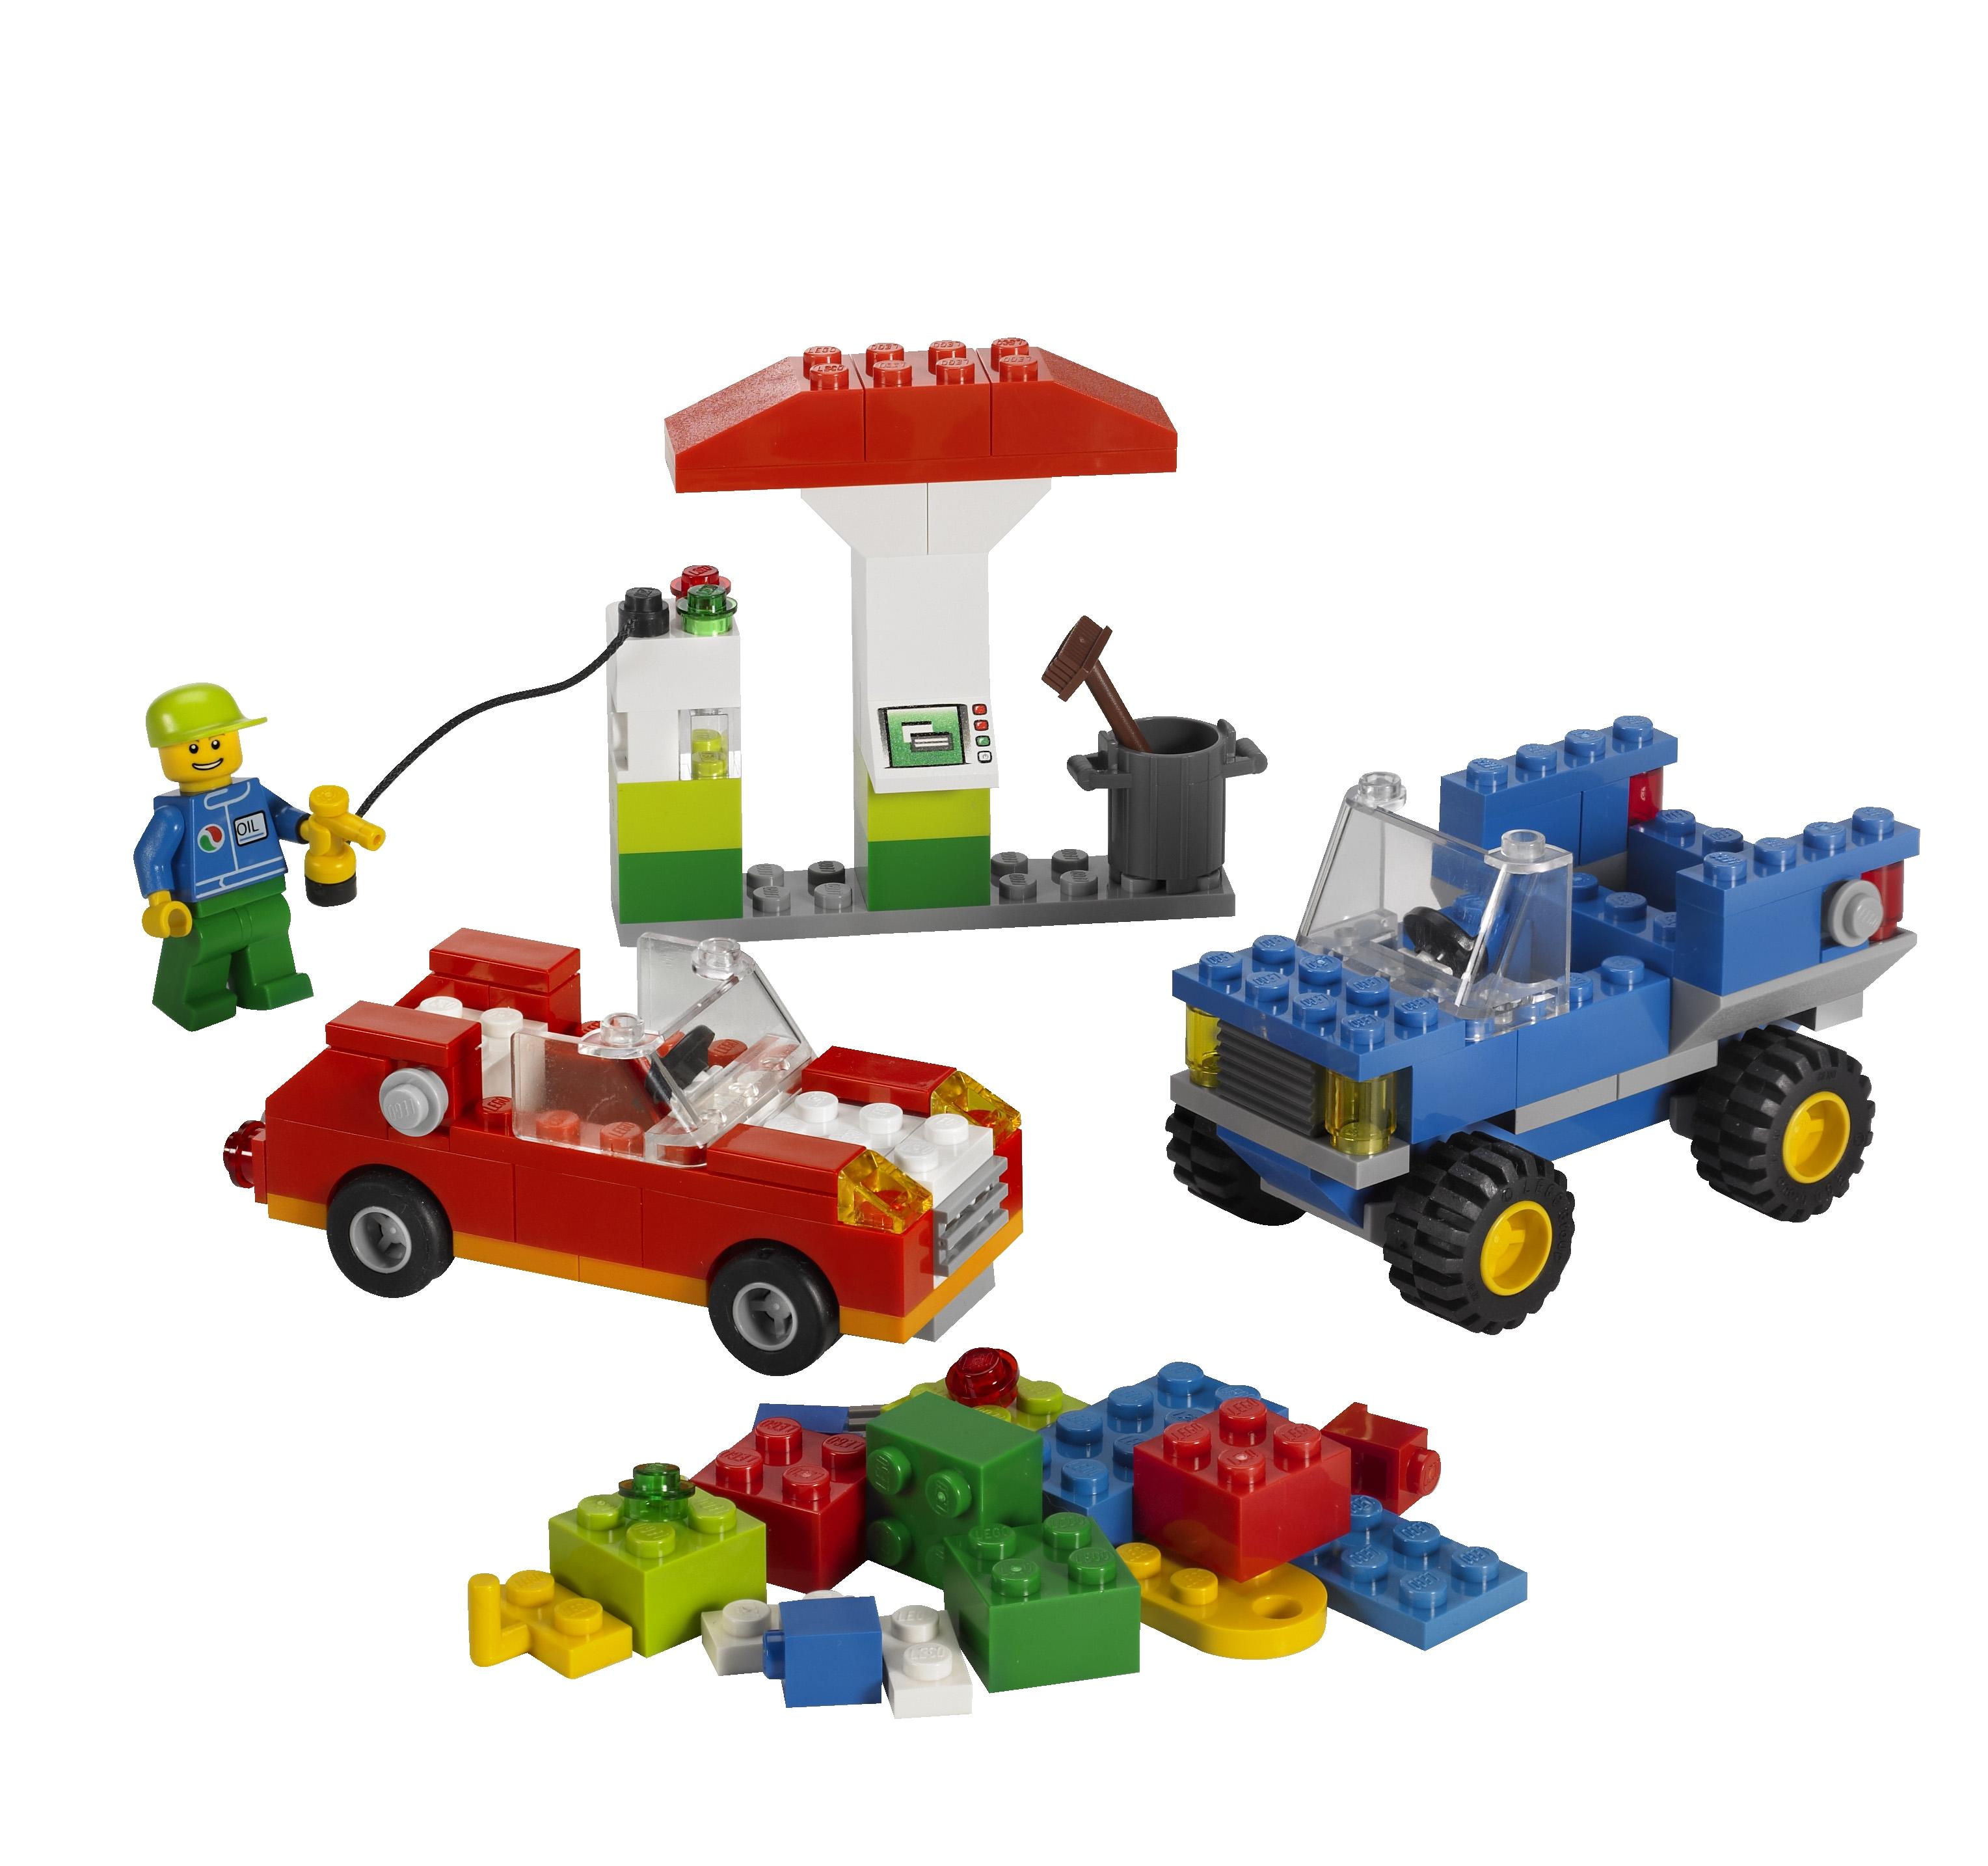 Инструкция По Лего 8214